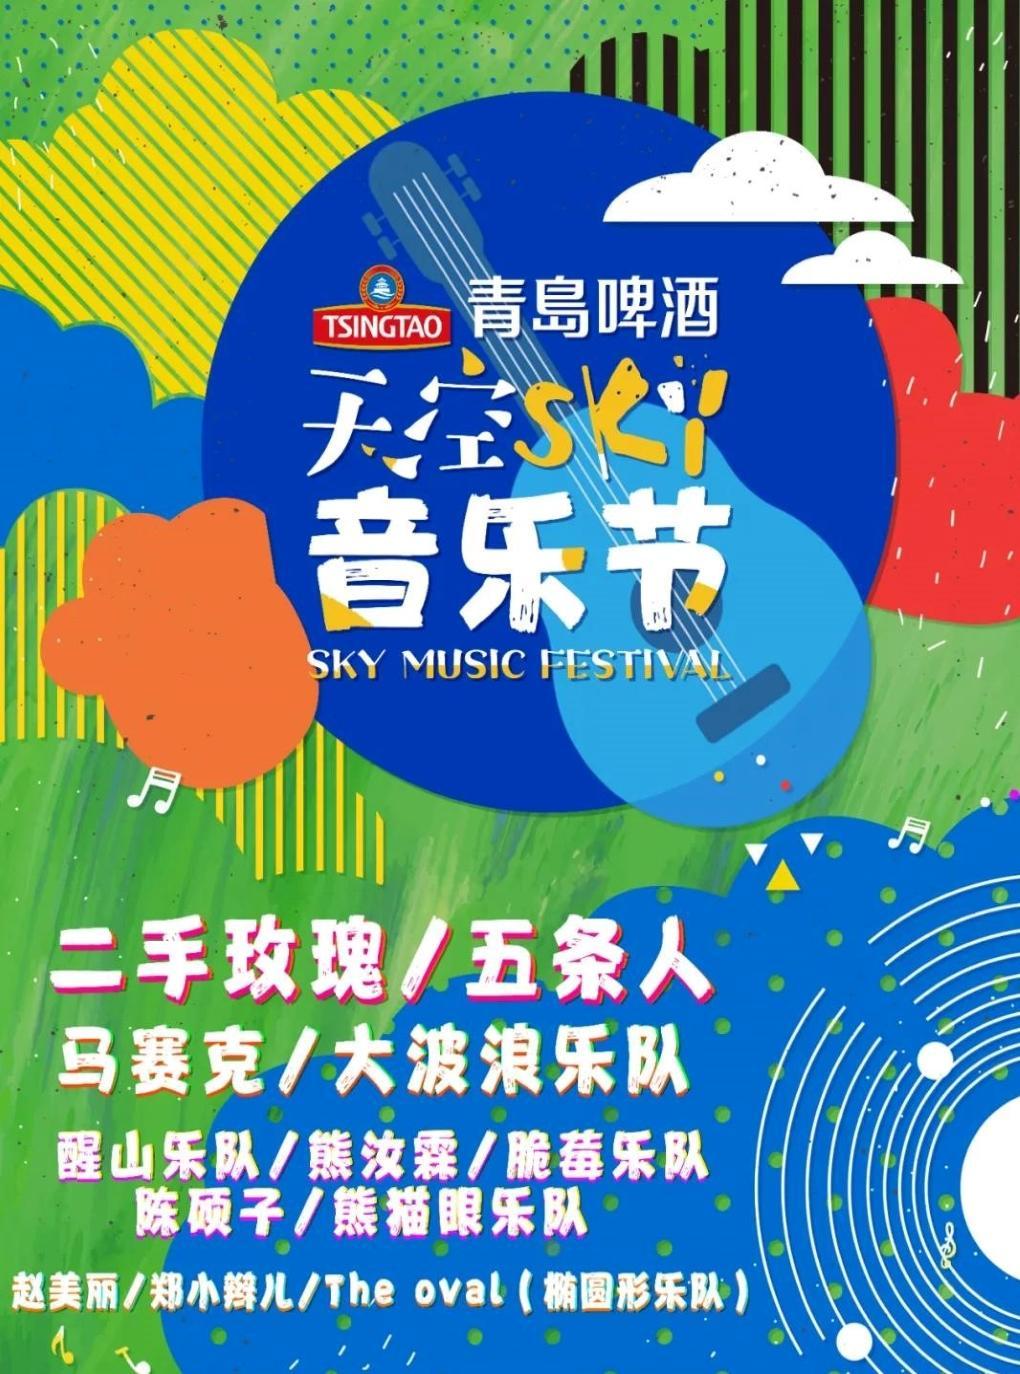 2020青岛啤酒·天空音乐节-济南站